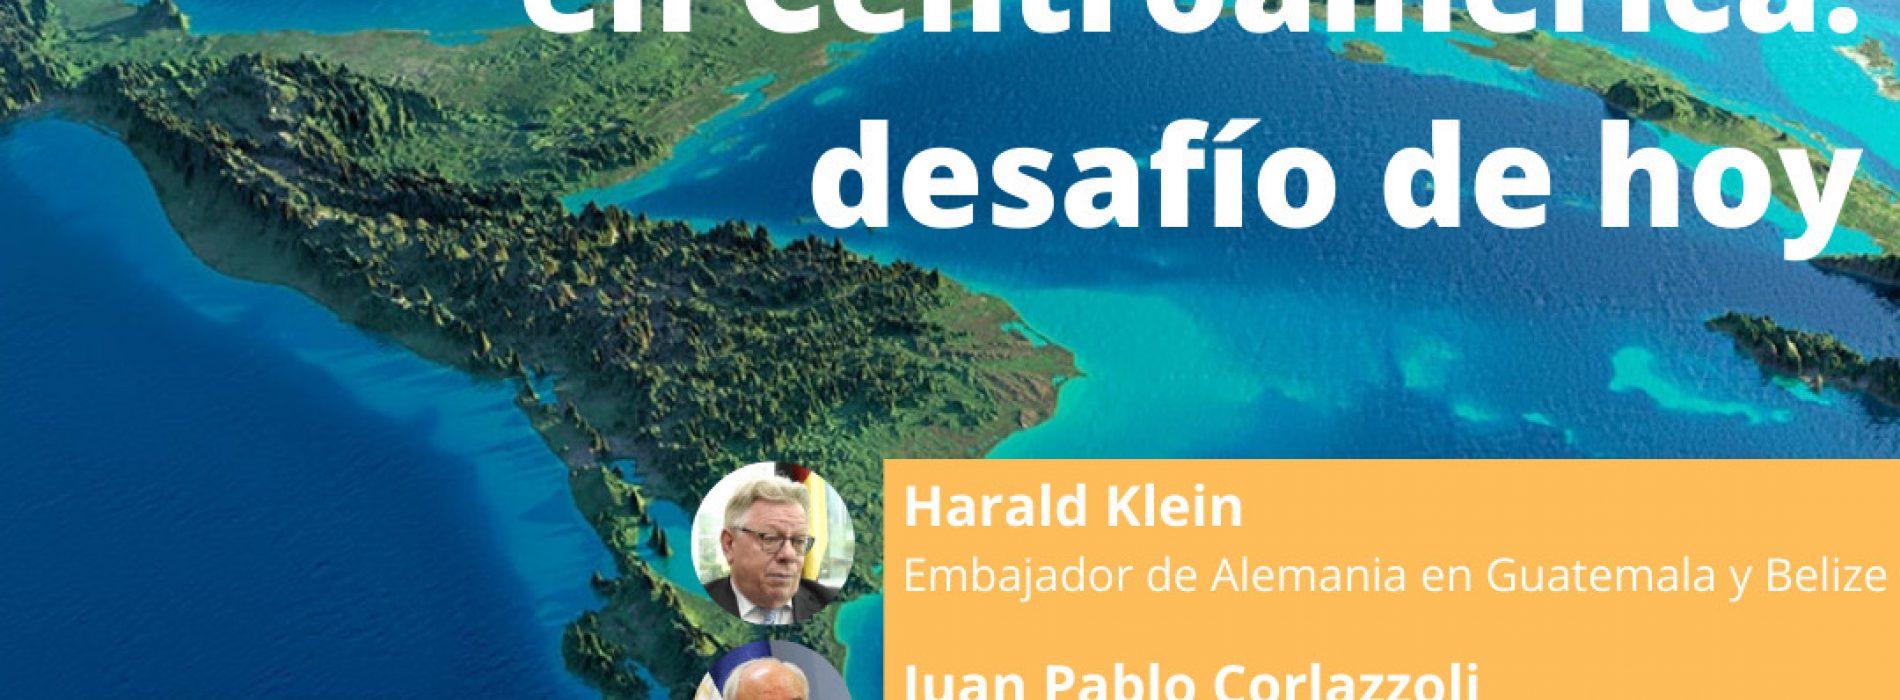 Evento: Migraciones en Centroamérica: desafío de hoy